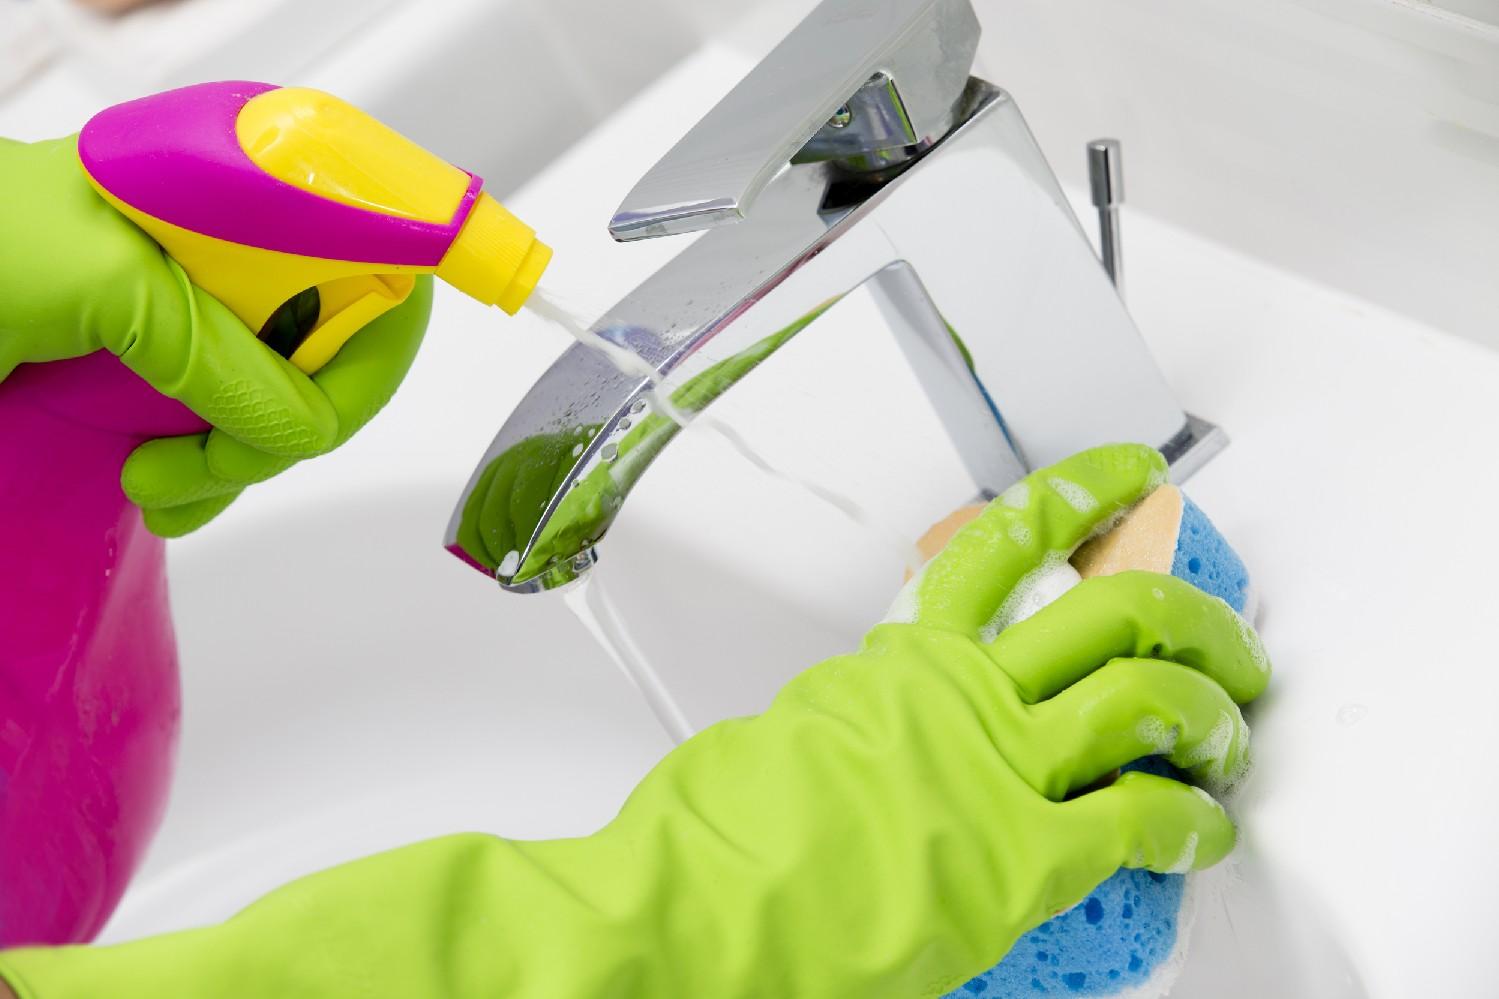 Vệ sinh các thiết bị bằng sứ trong nhà vệ sinh